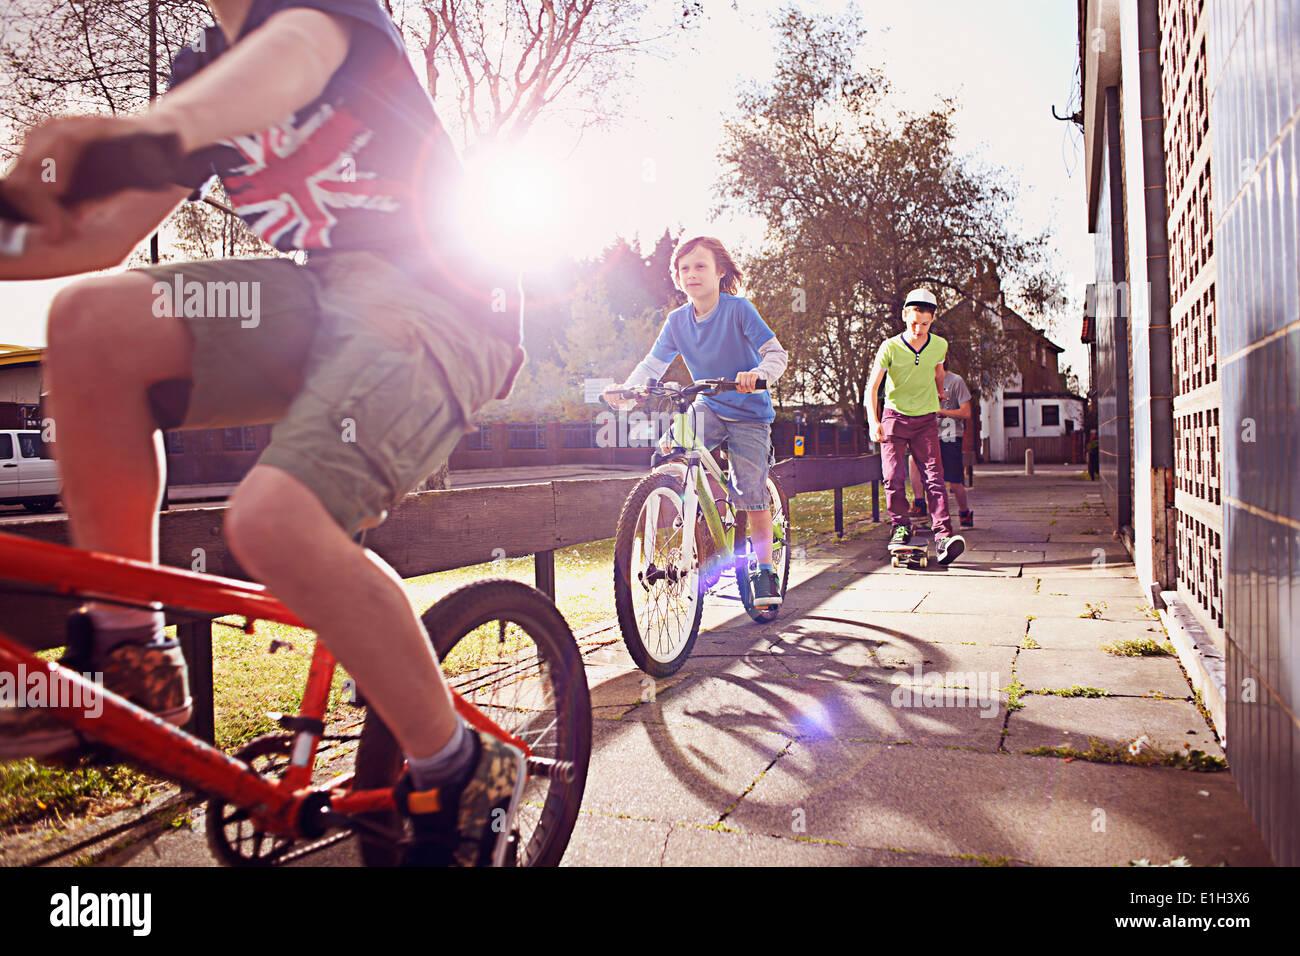 Jungen Fahrrad fahren Stockfoto